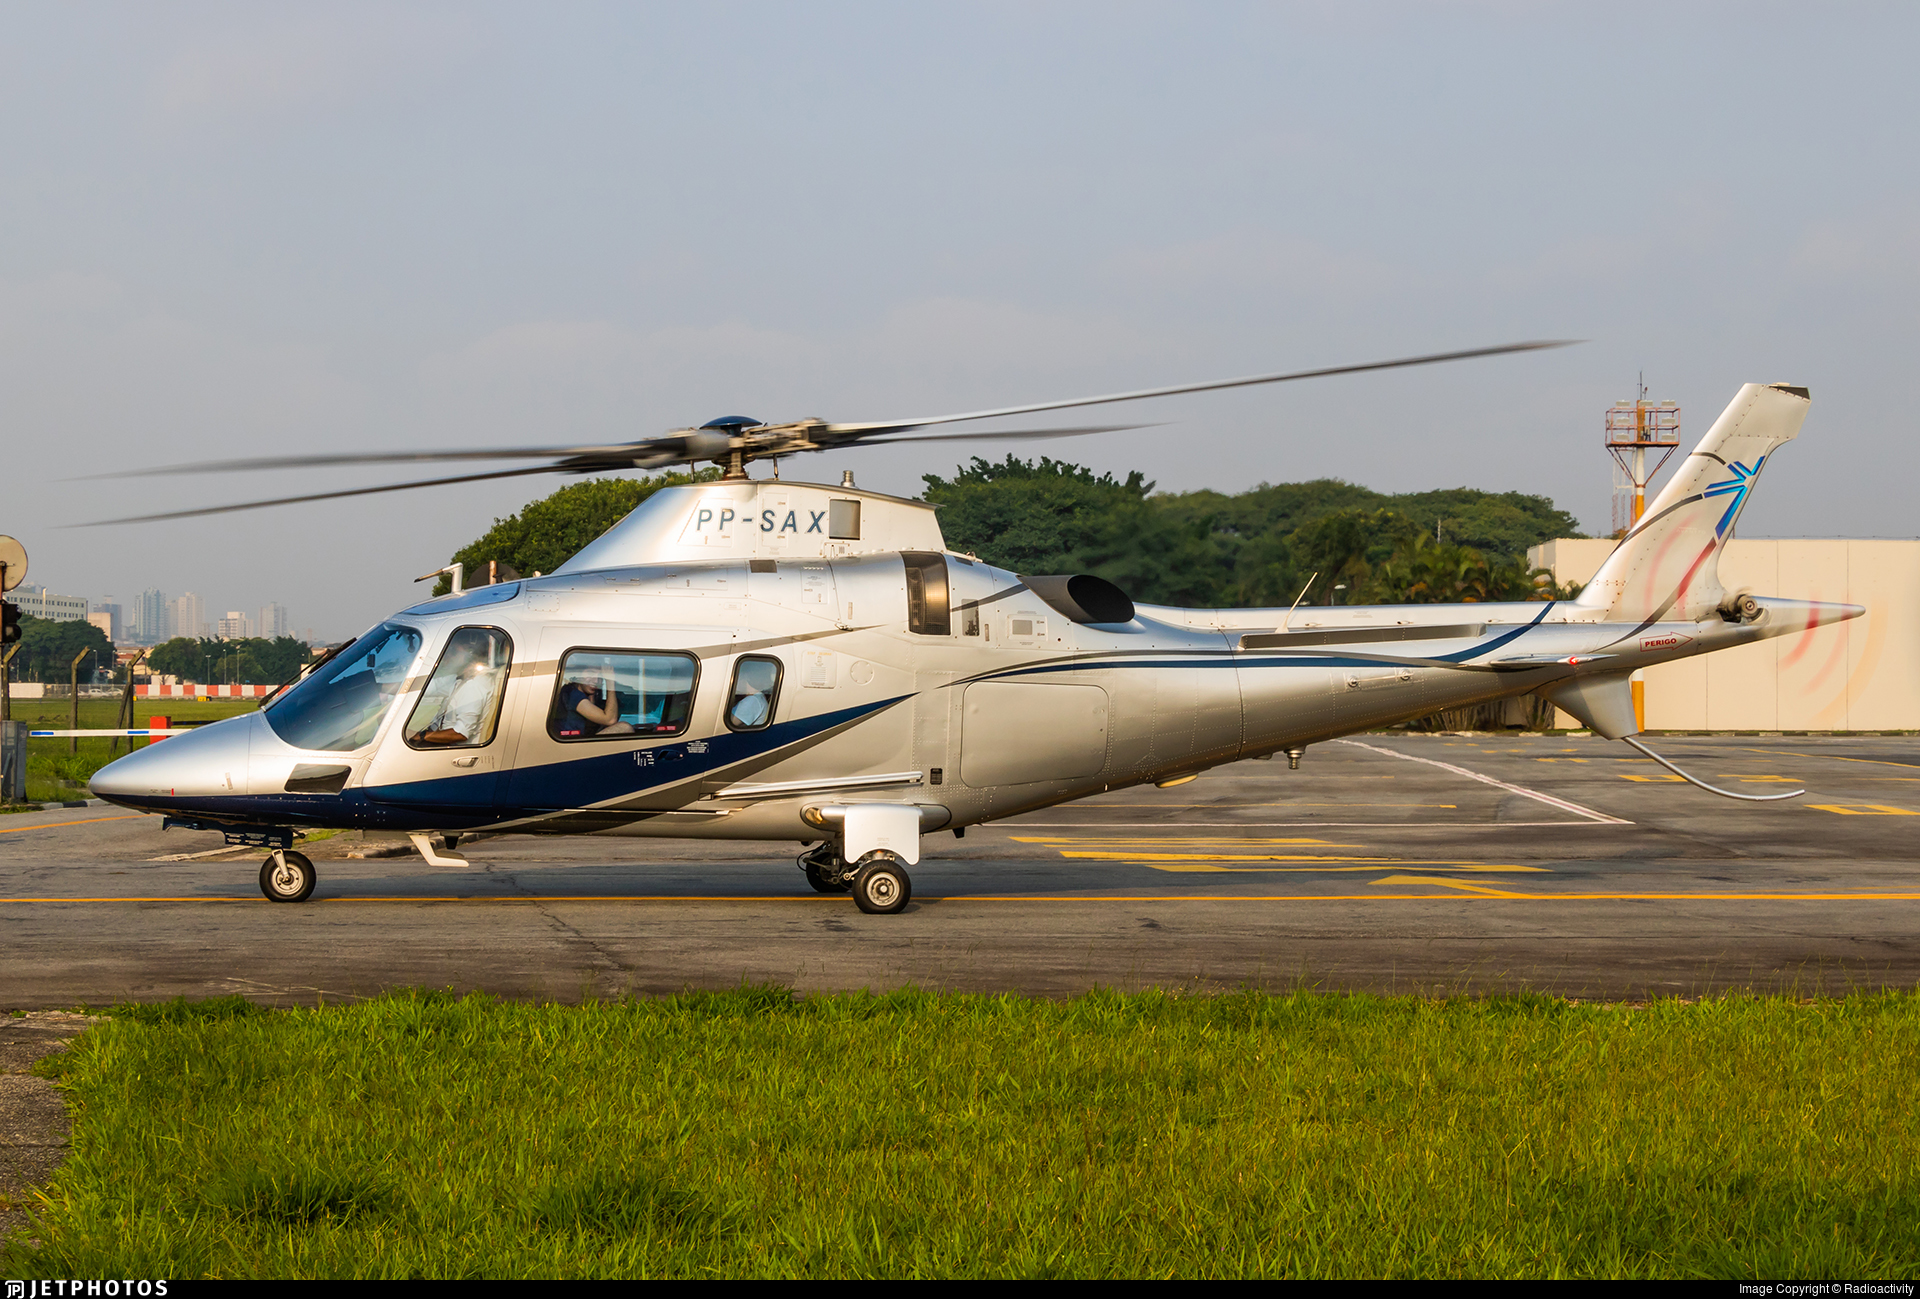 PP-SAX - Agusta A109E Power - Avantto